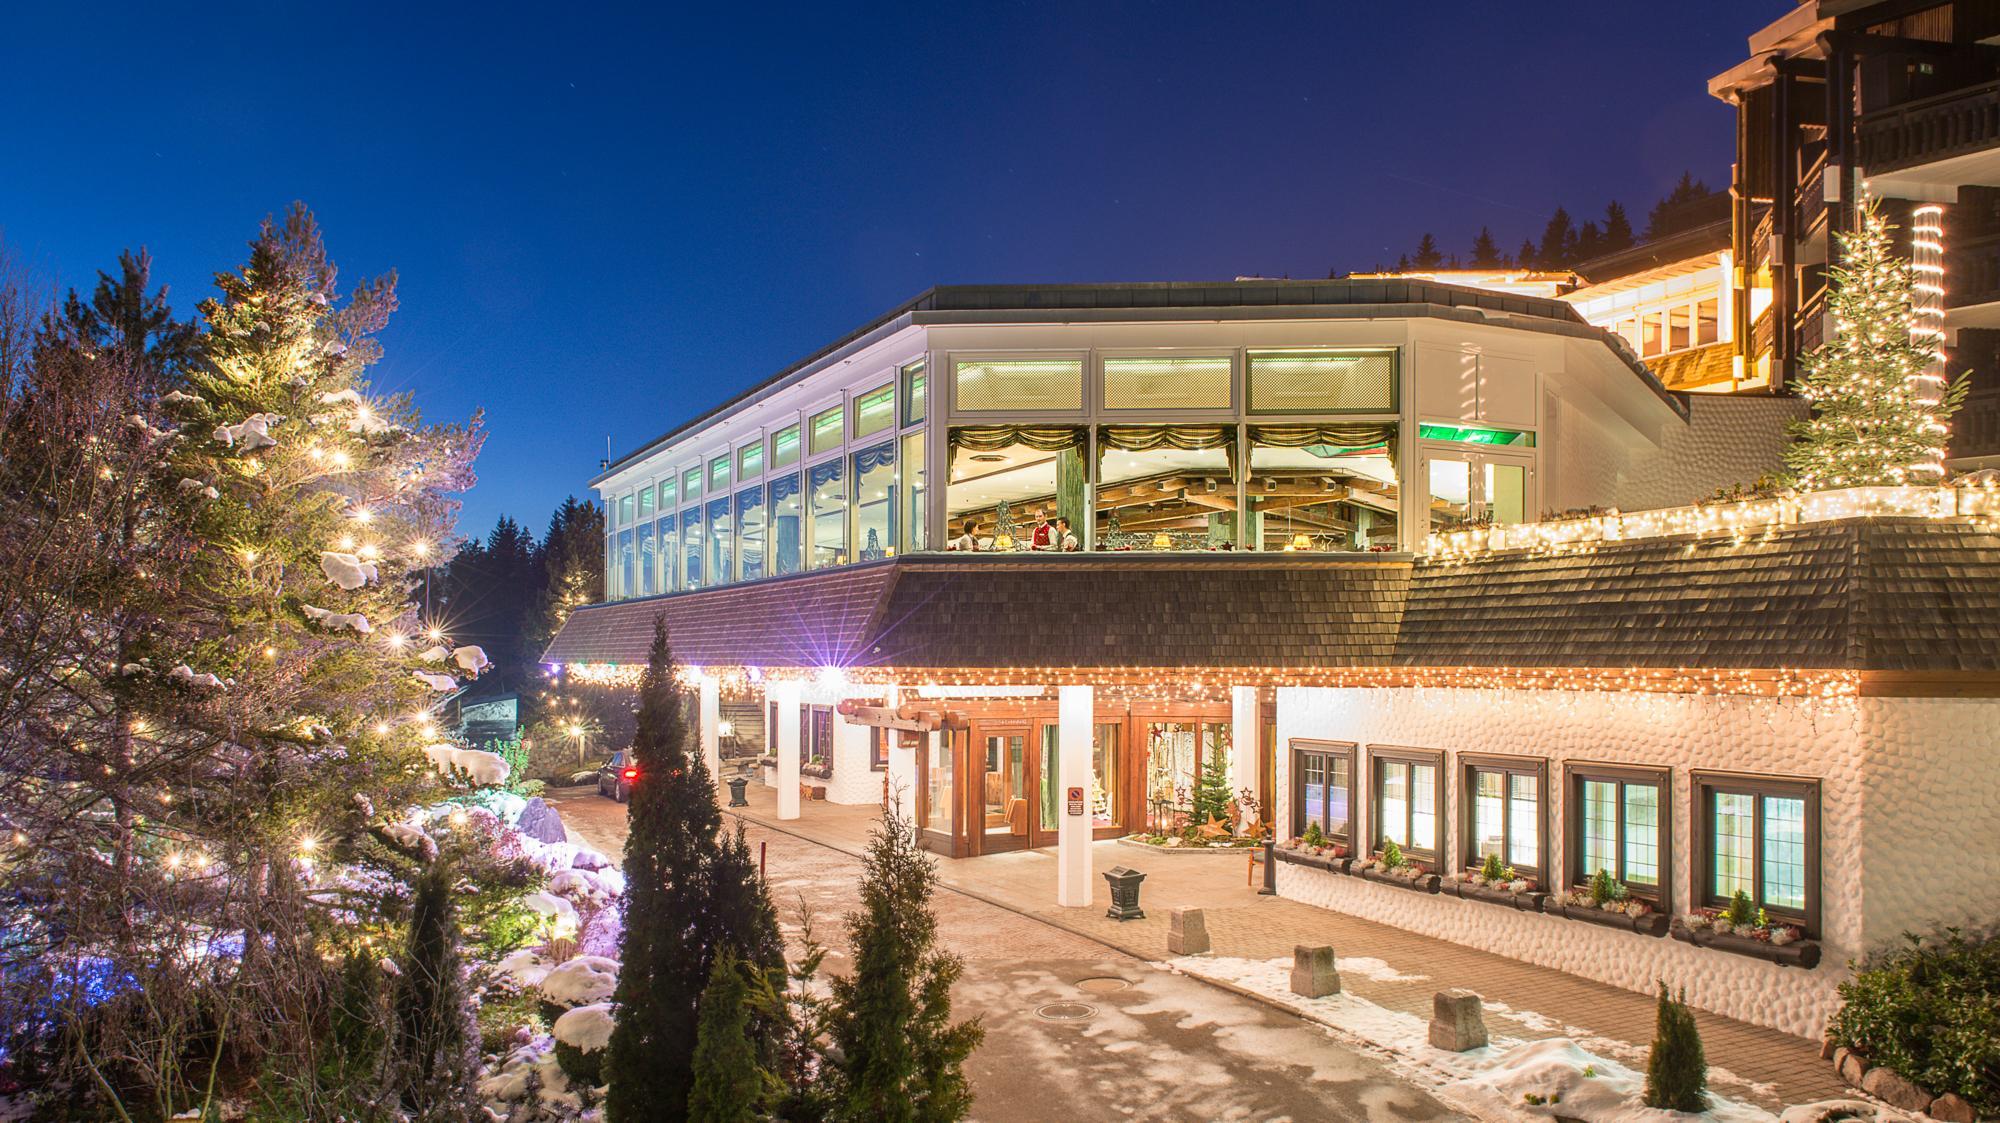 Hoteleingang Vier Jahreszeiten am Schluchsee im Winter